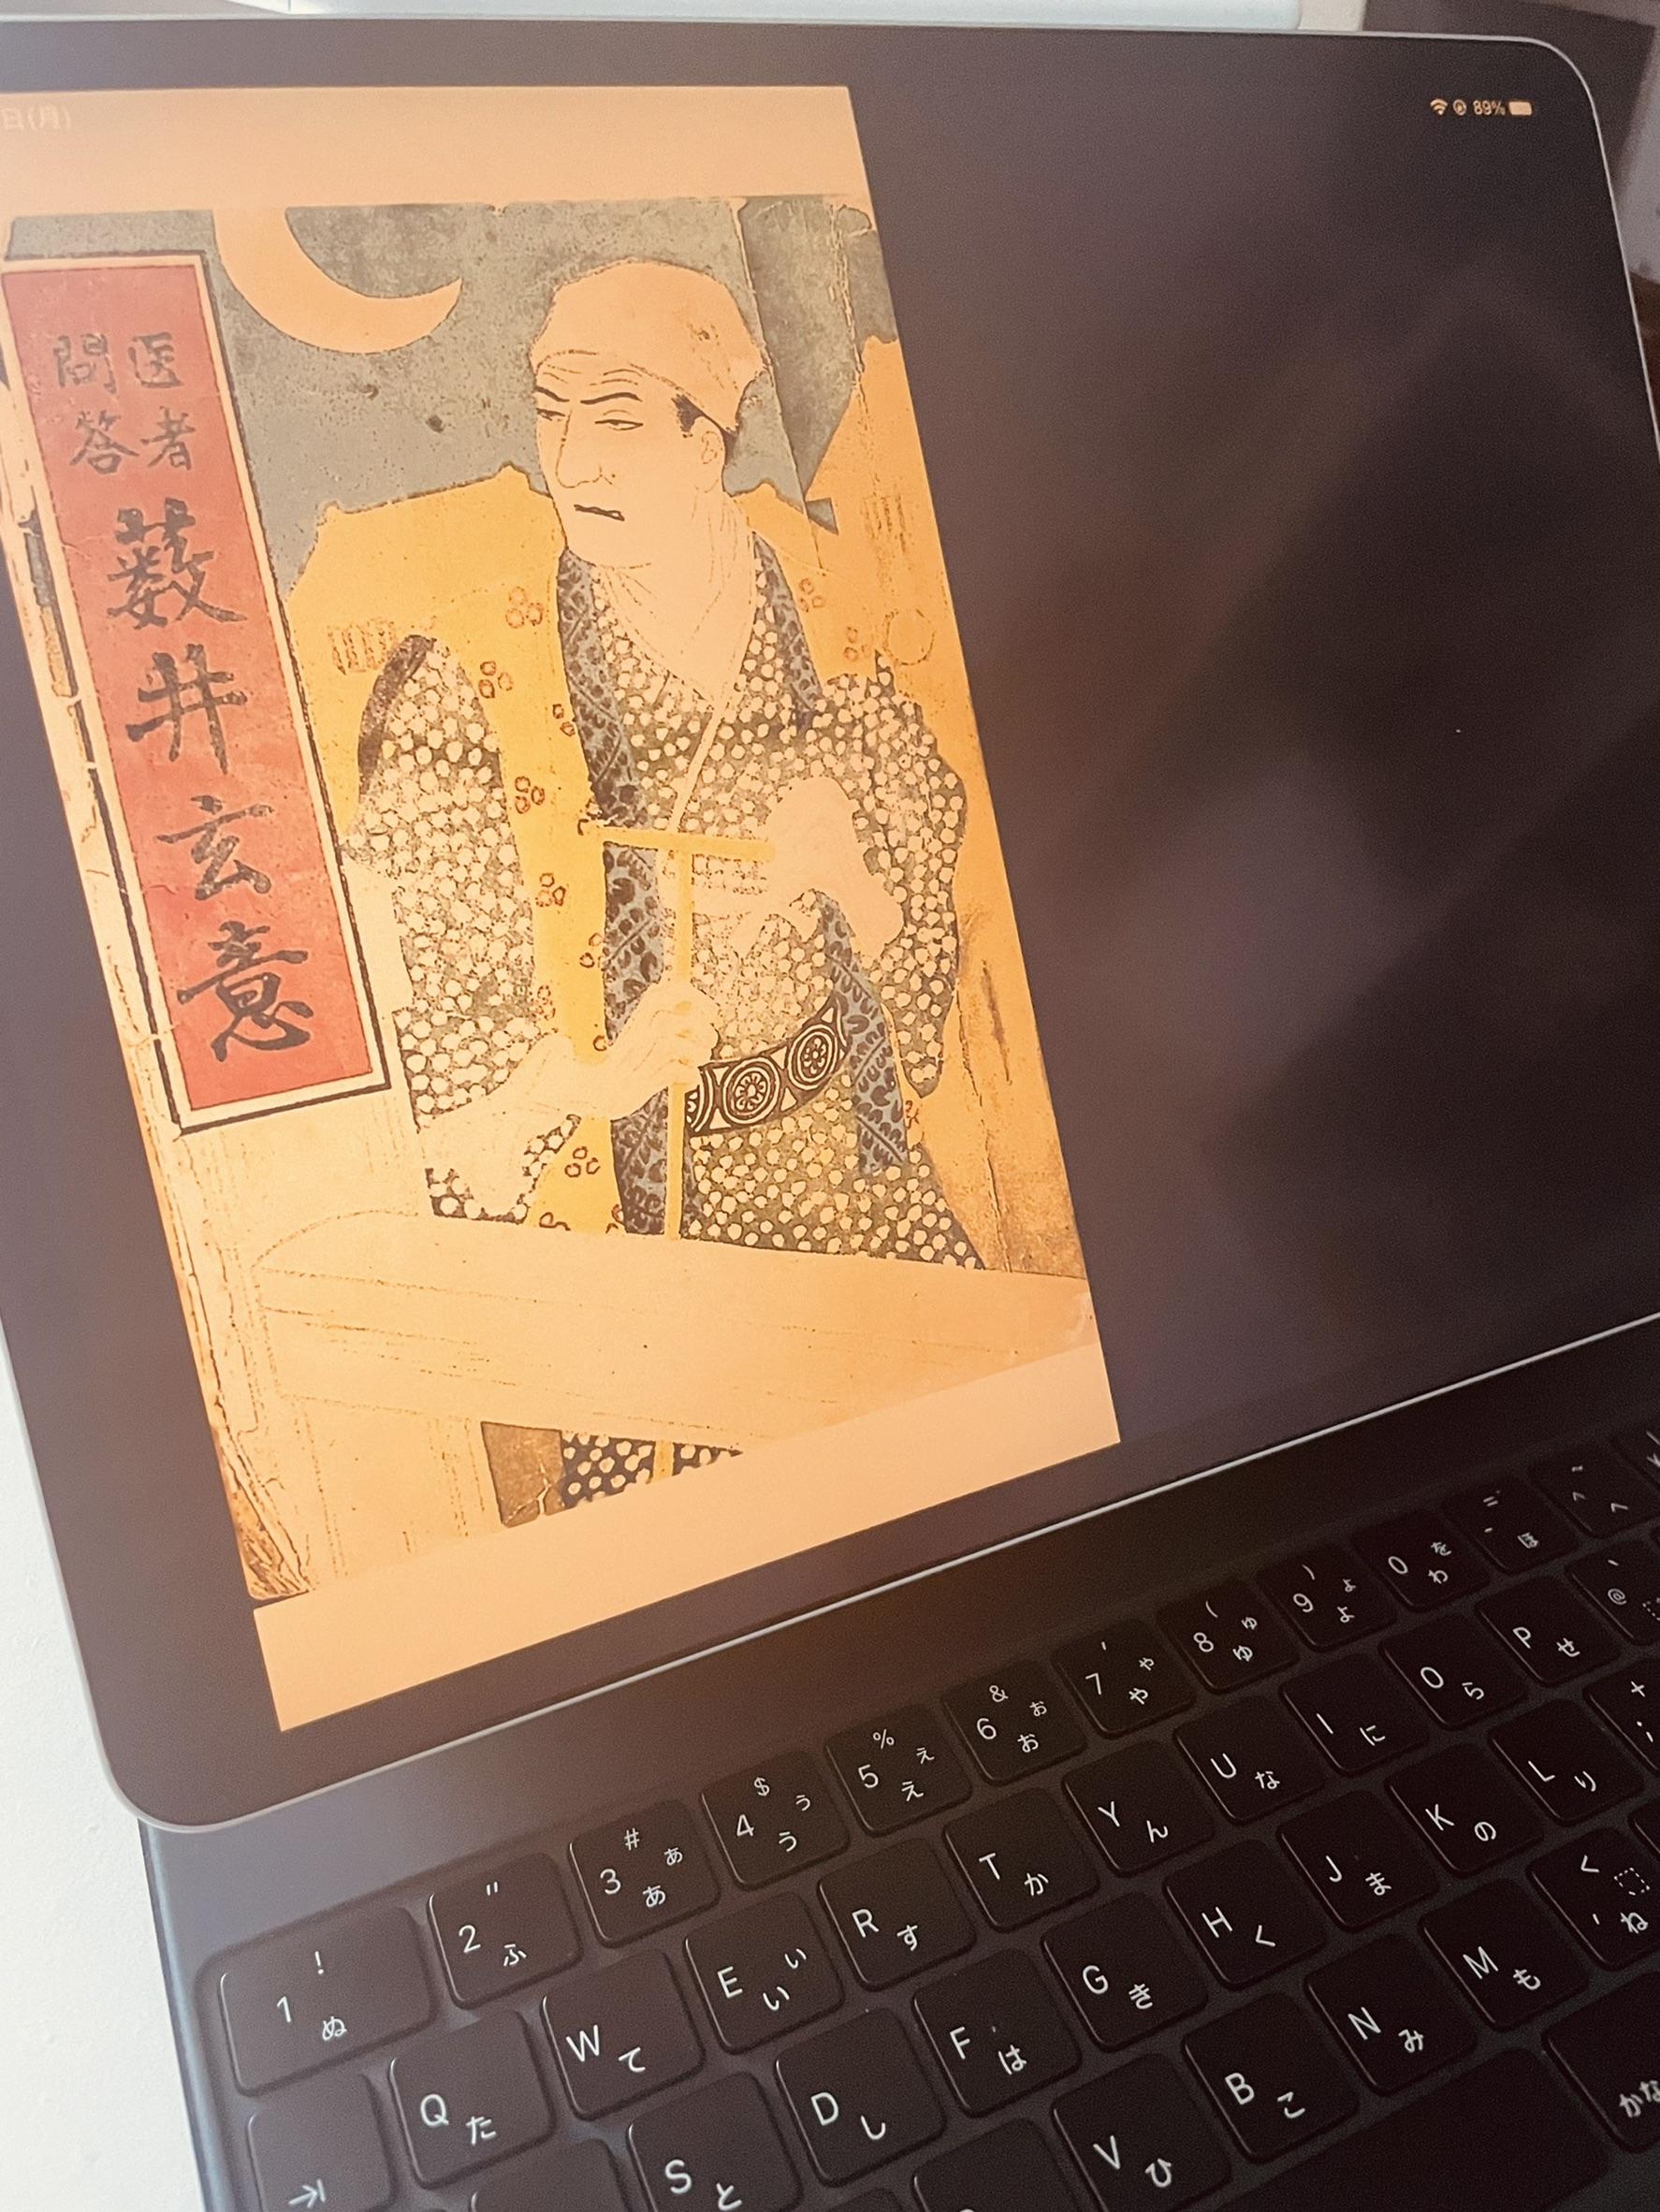 講談の速記本@iPad